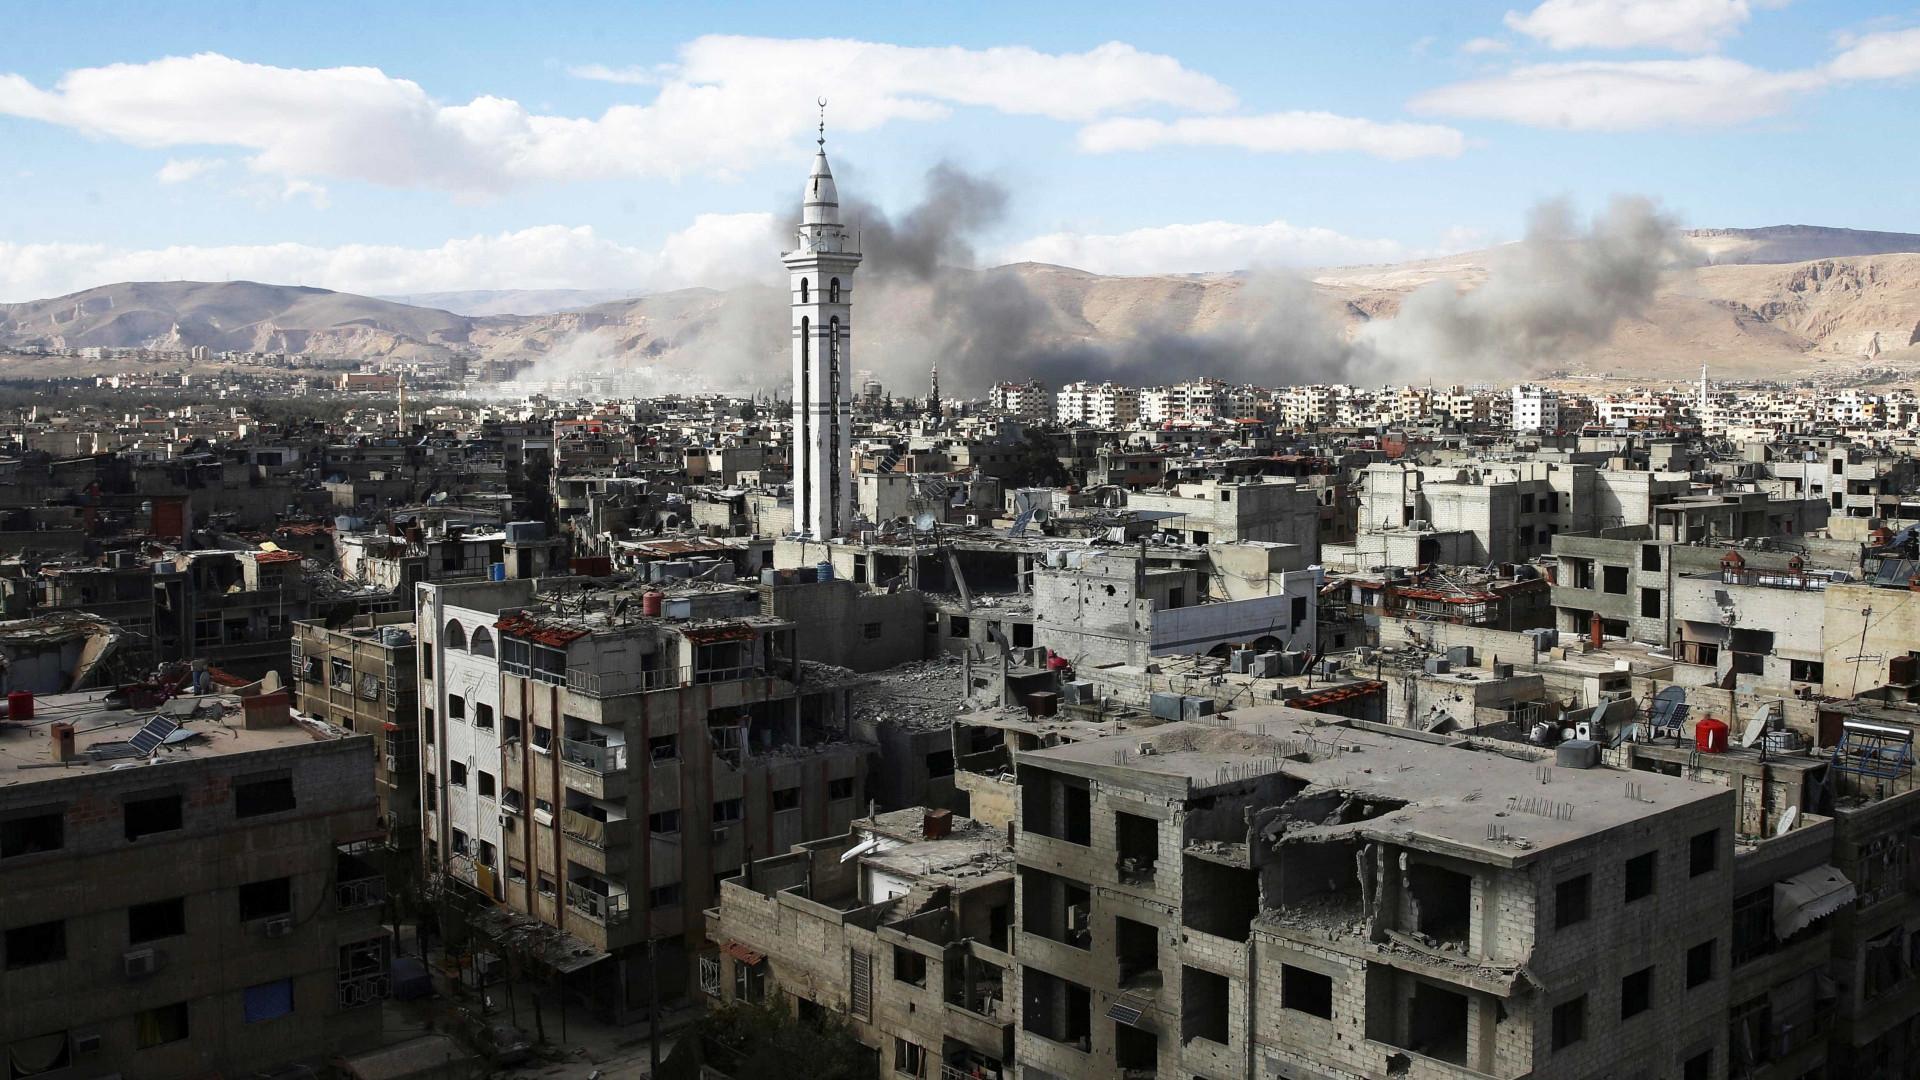 Imprensa diz que defesa aérea abateu mísseis. Israel nega envolvimento